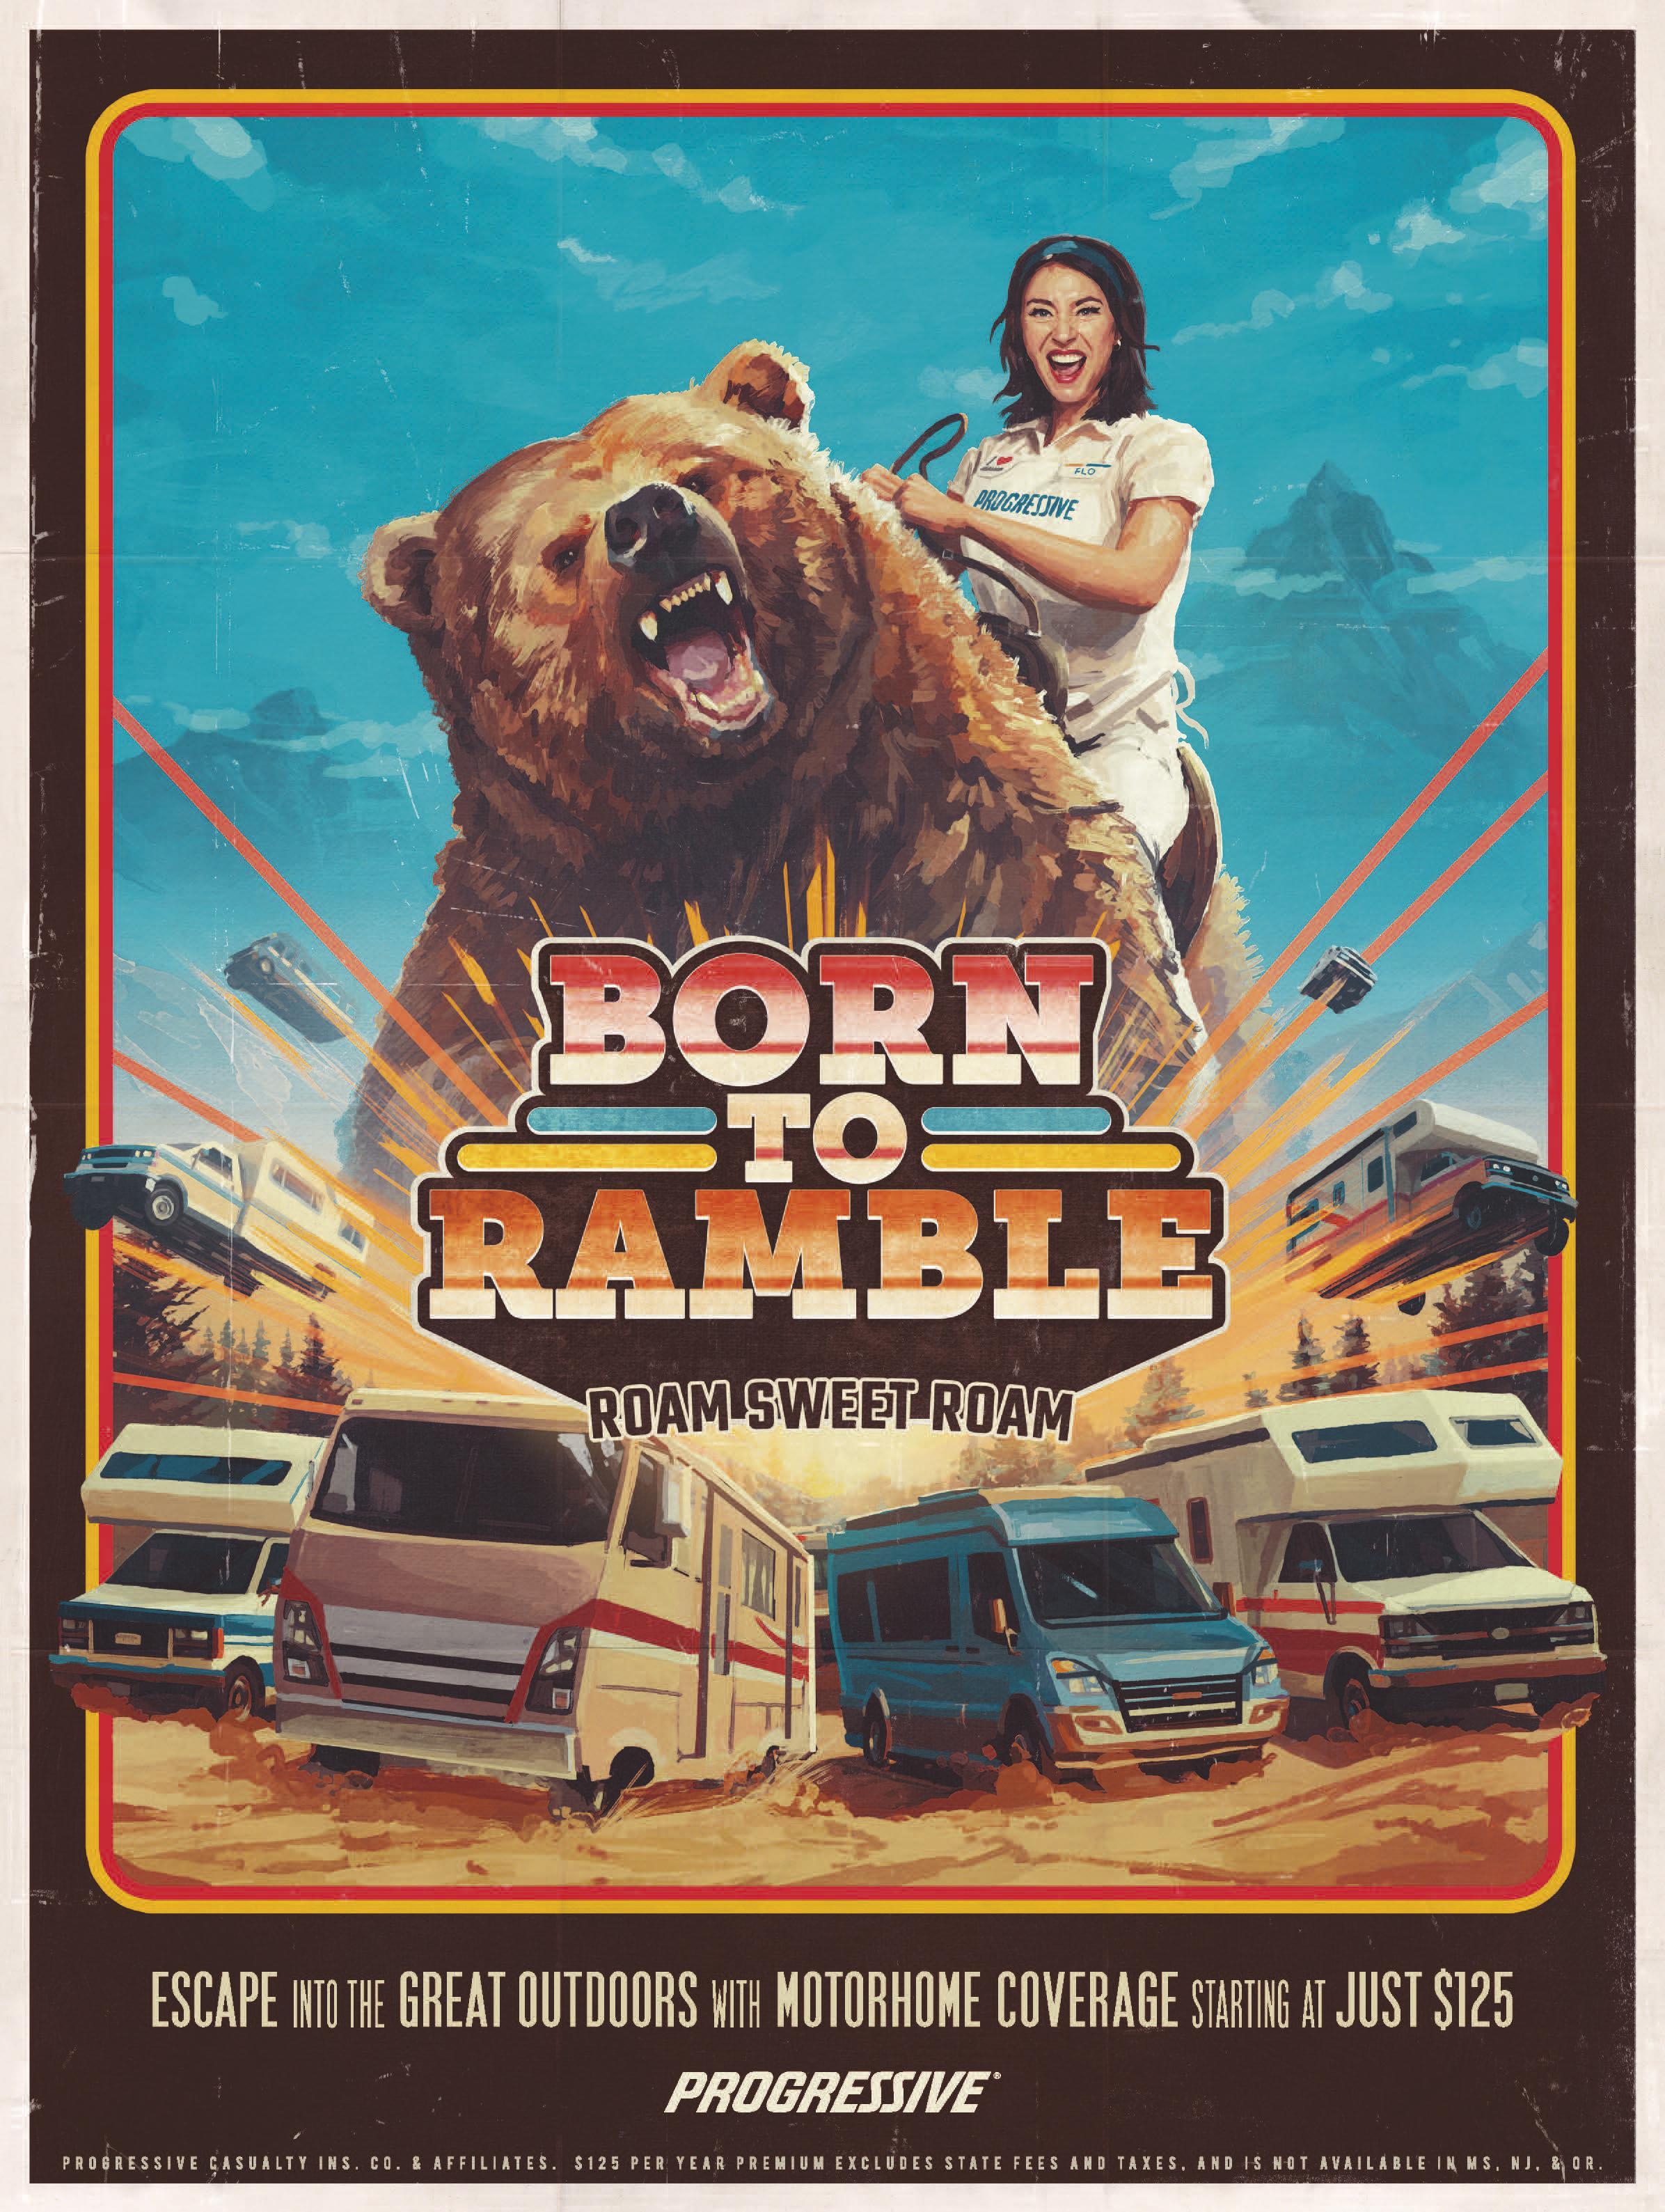 Progressive Insurance Print Ad   Born To Ramble